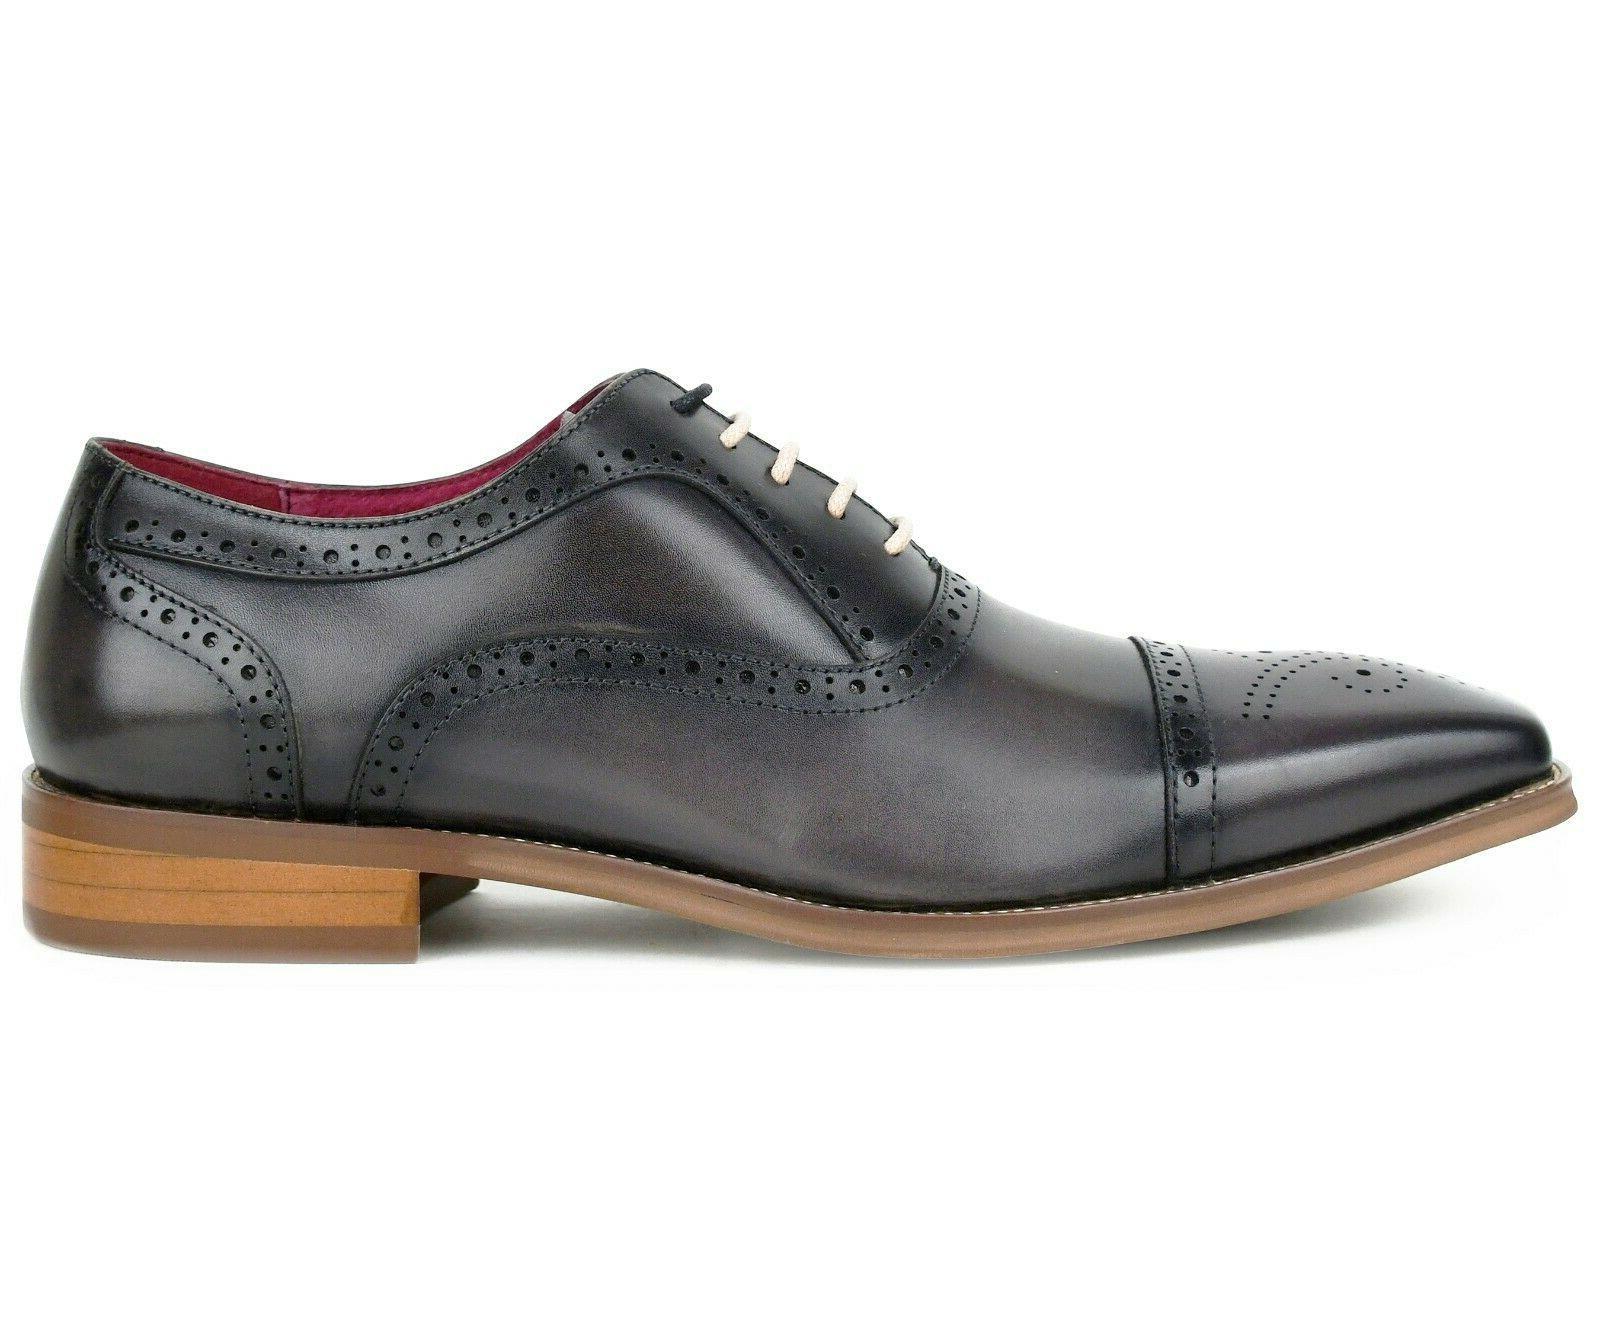 Men's Dress Shoes Genuine Oxfords, Lace Up Dress Shoes